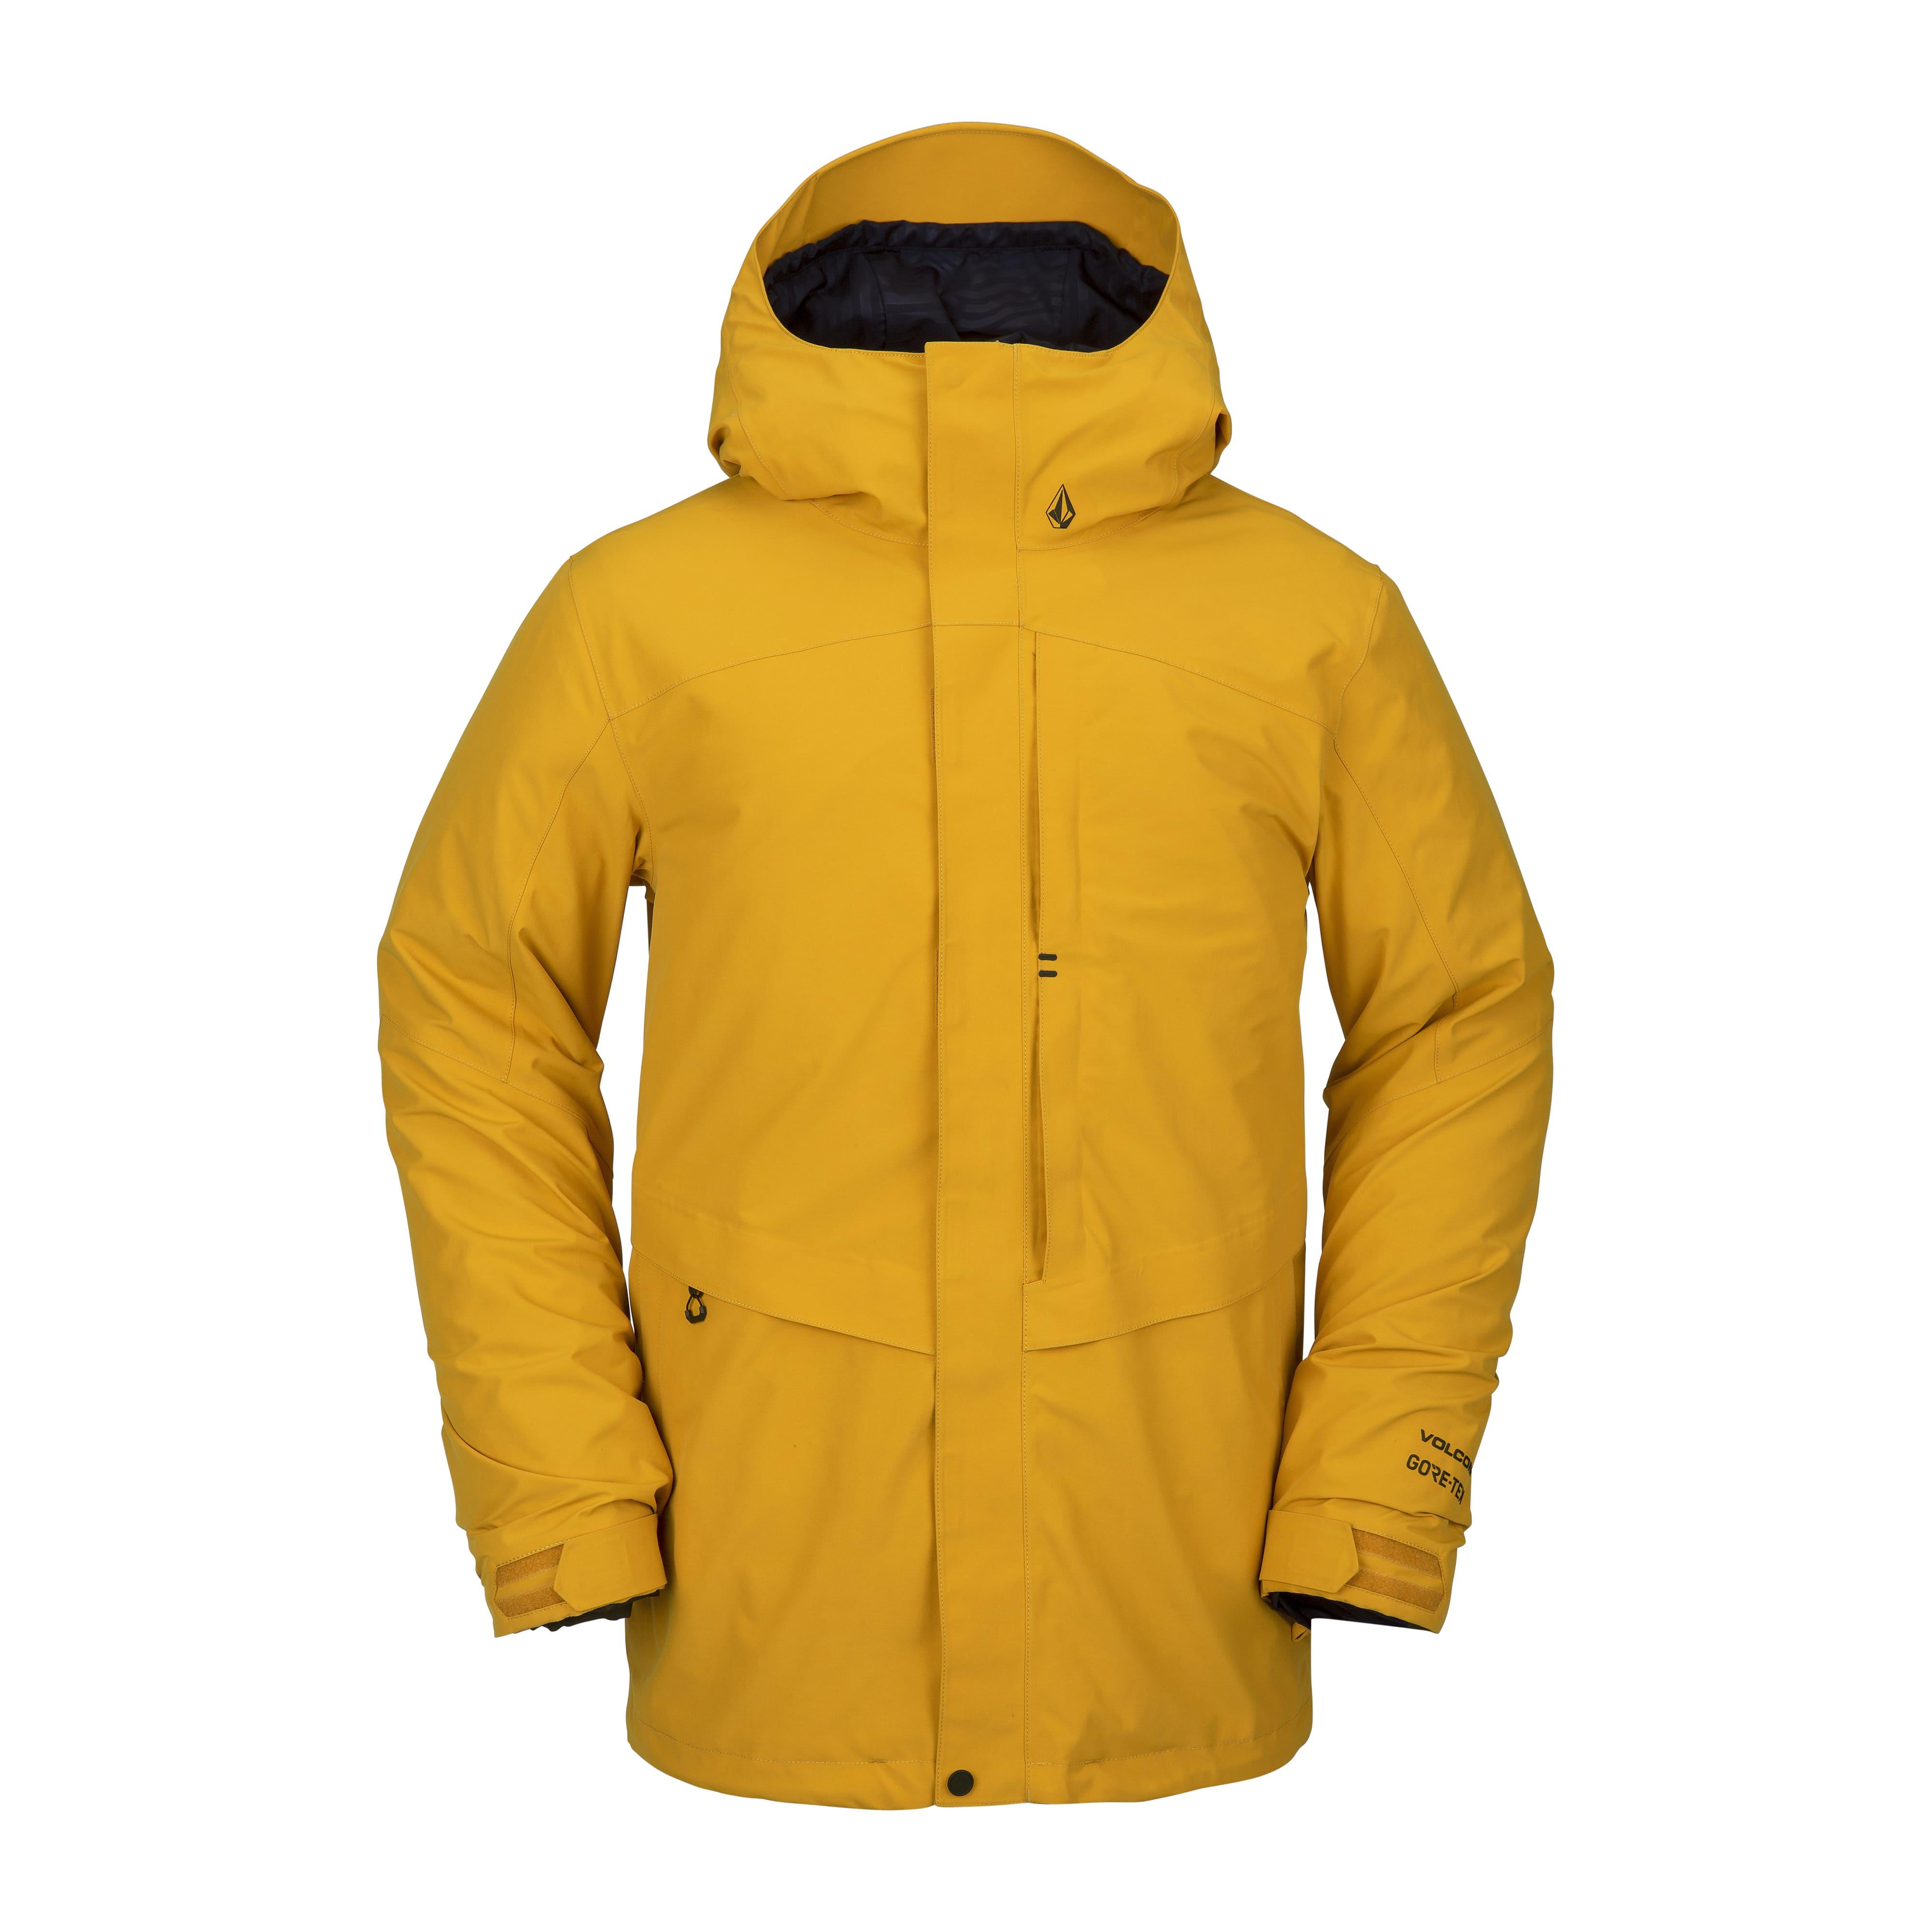 Volcom Tds 2L Gore_Tex Jacket 2021